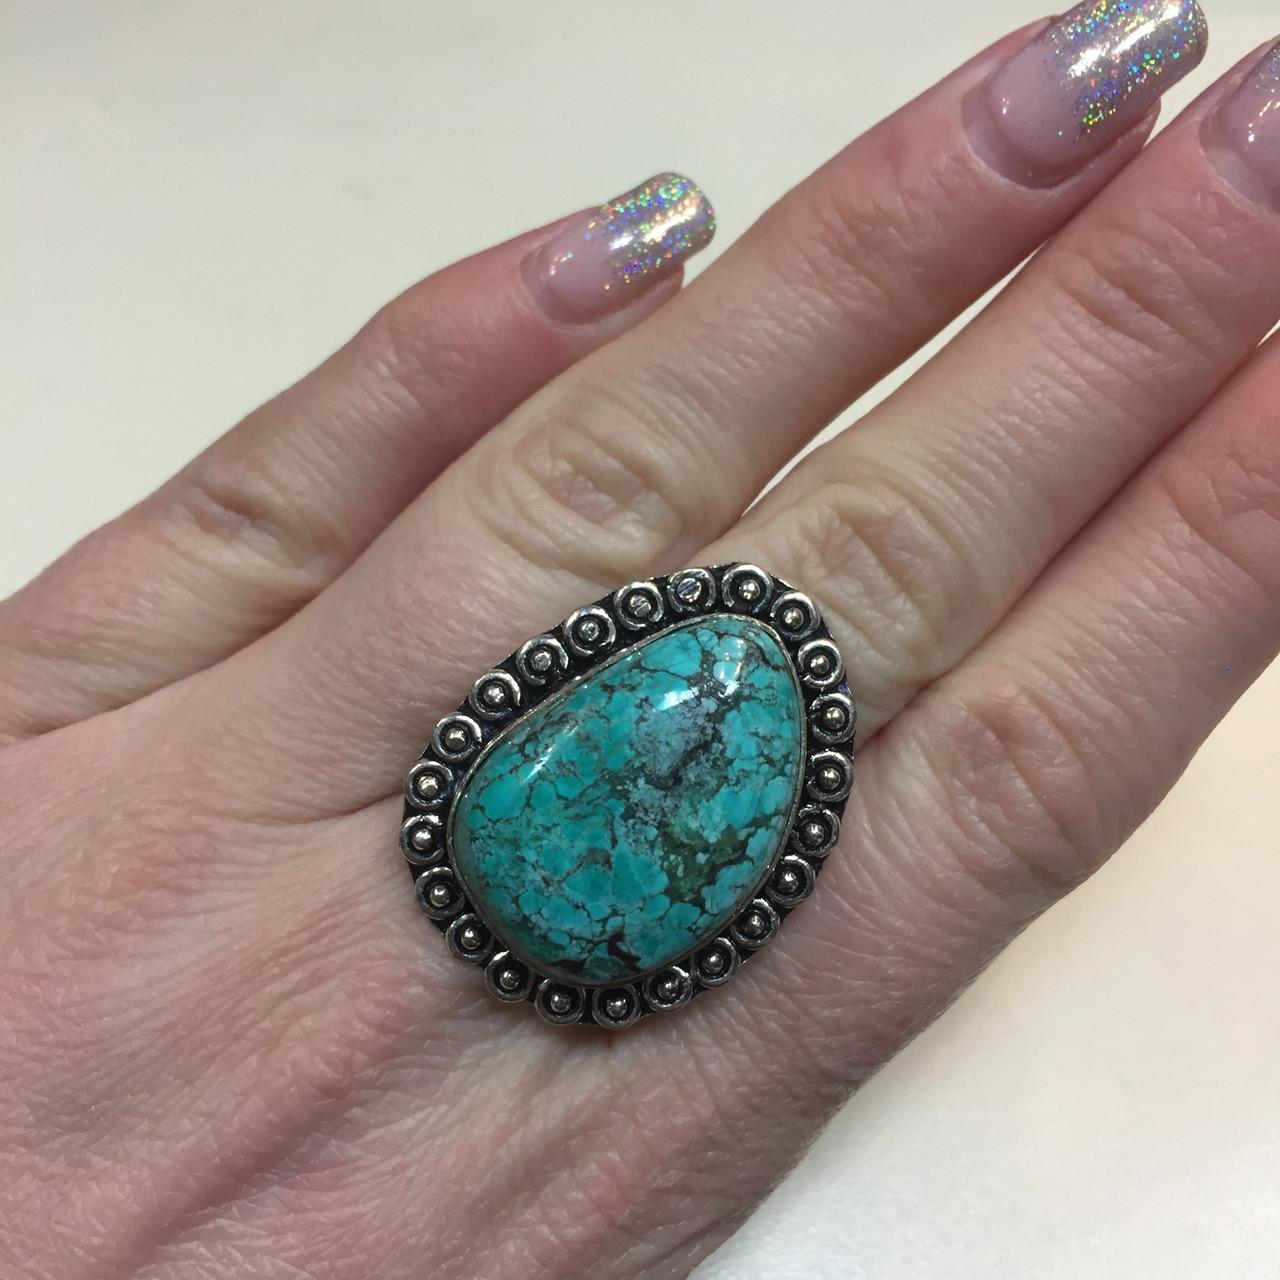 Красивое кольцо с камнем бирюза в серебре. Кольцо с бирюзой 17.5 размер